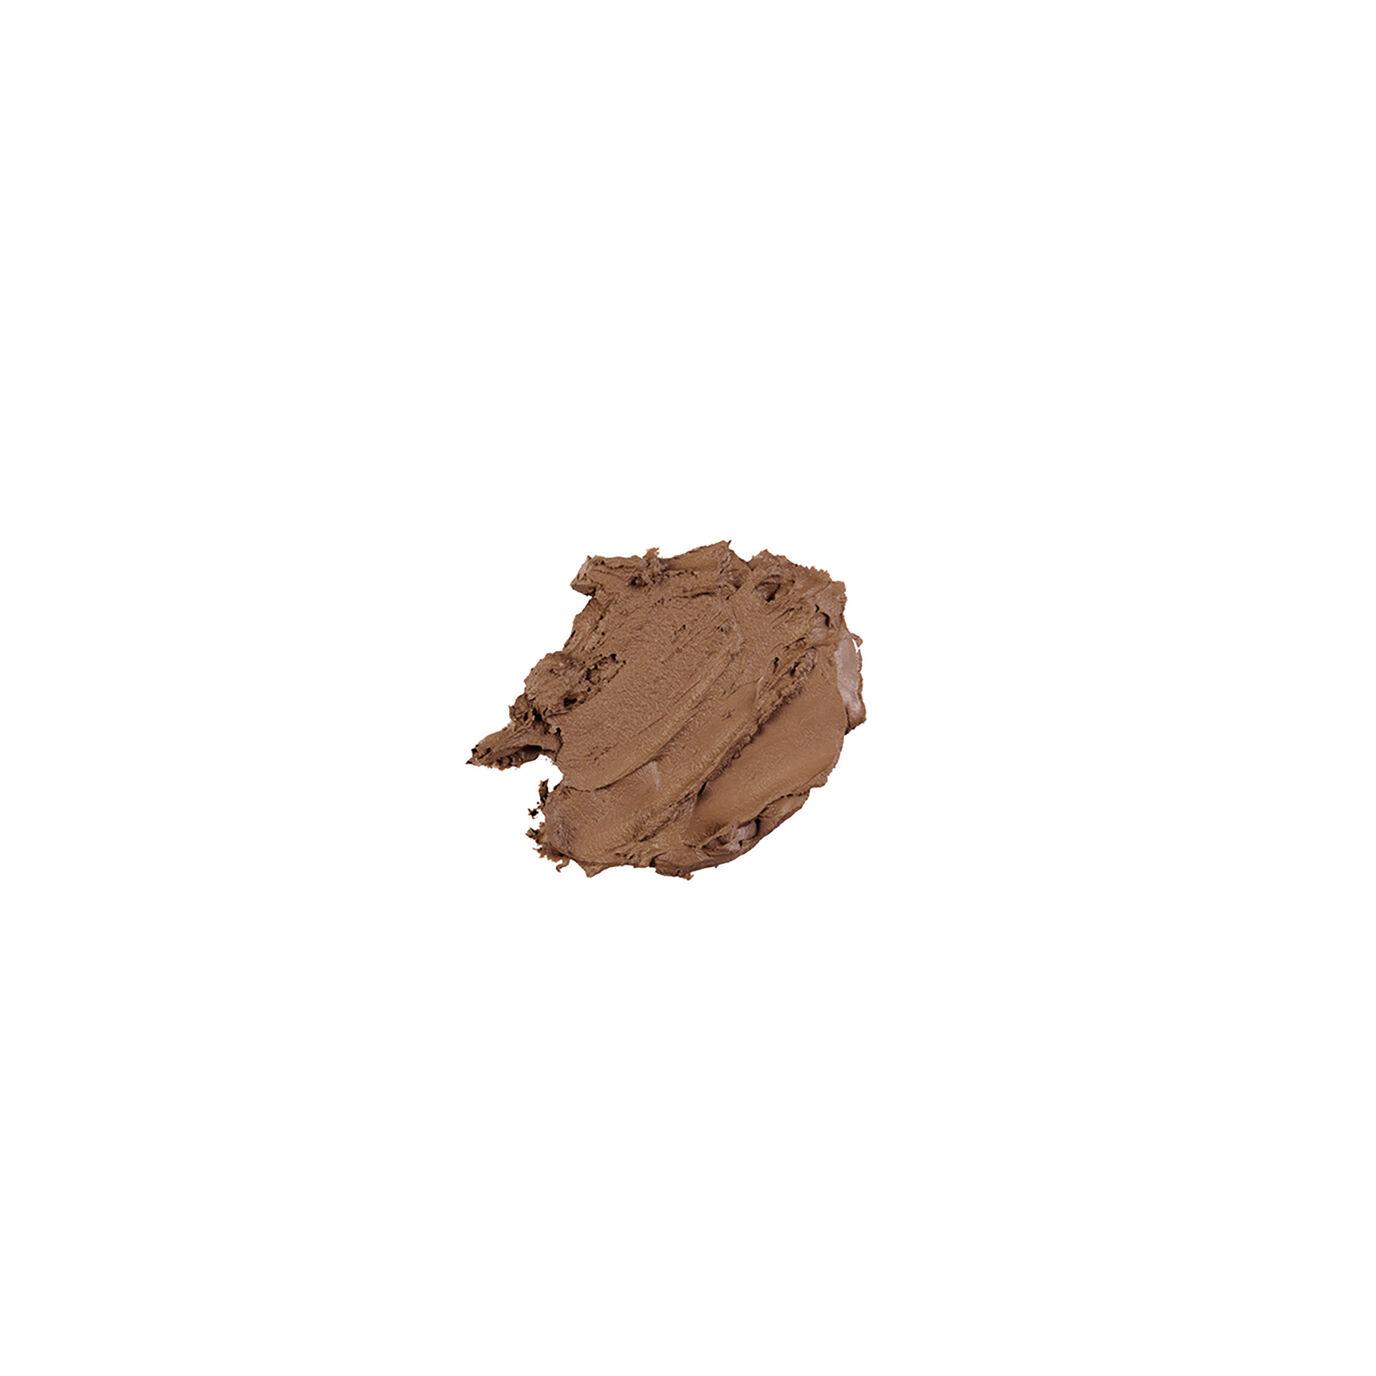 DIPBROW® Pomade - Caramel